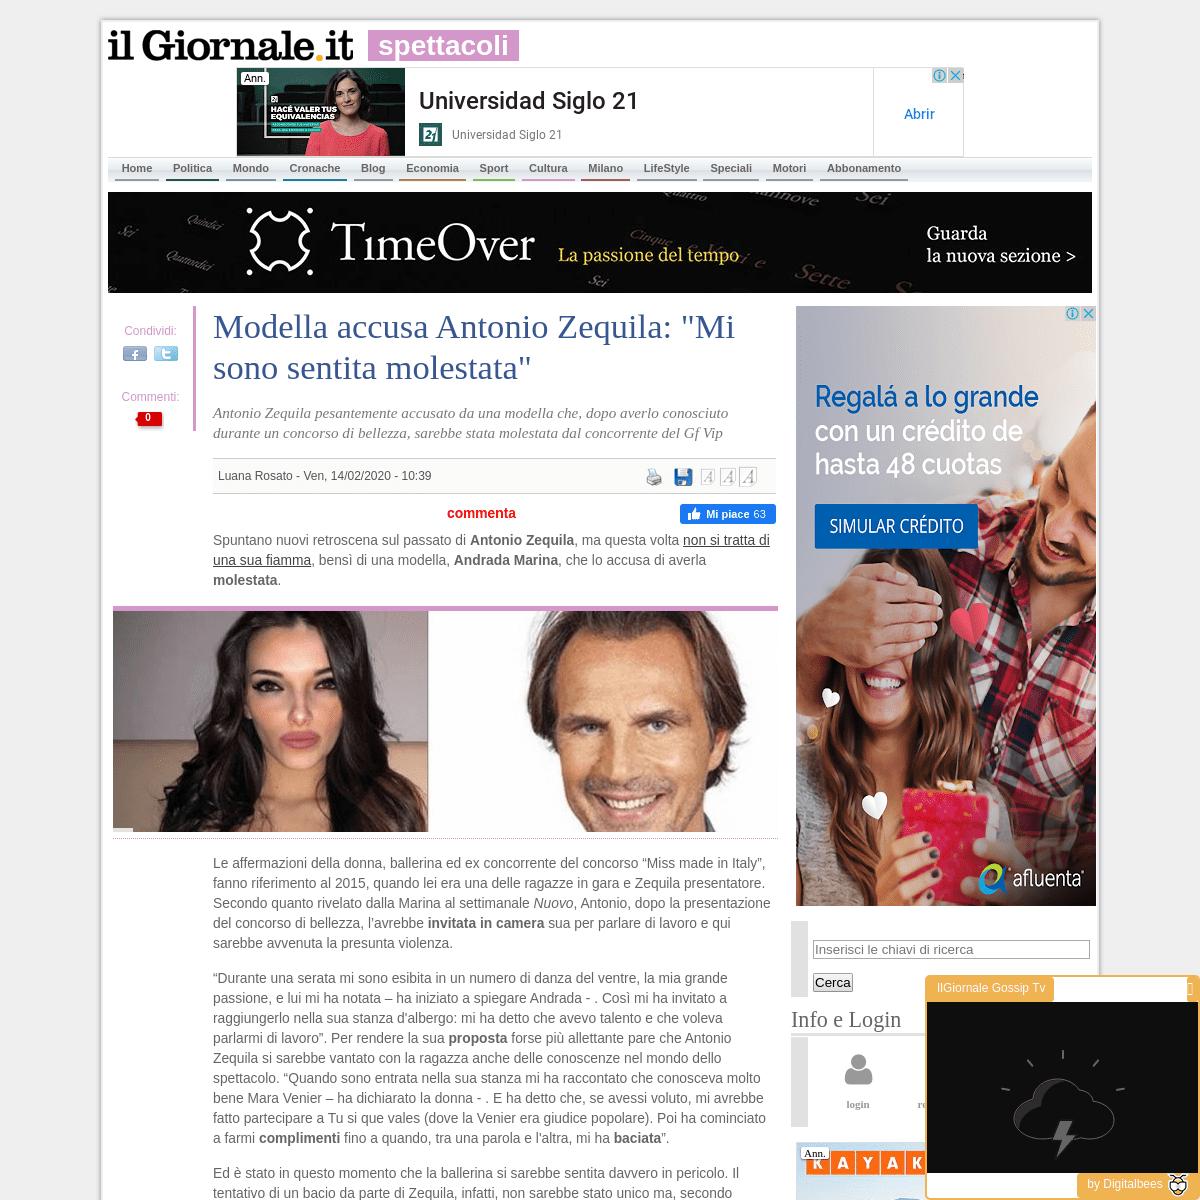 Modella accusa Antonio Zequila- -Mi sono sentita molestata- - IlGiornale.it